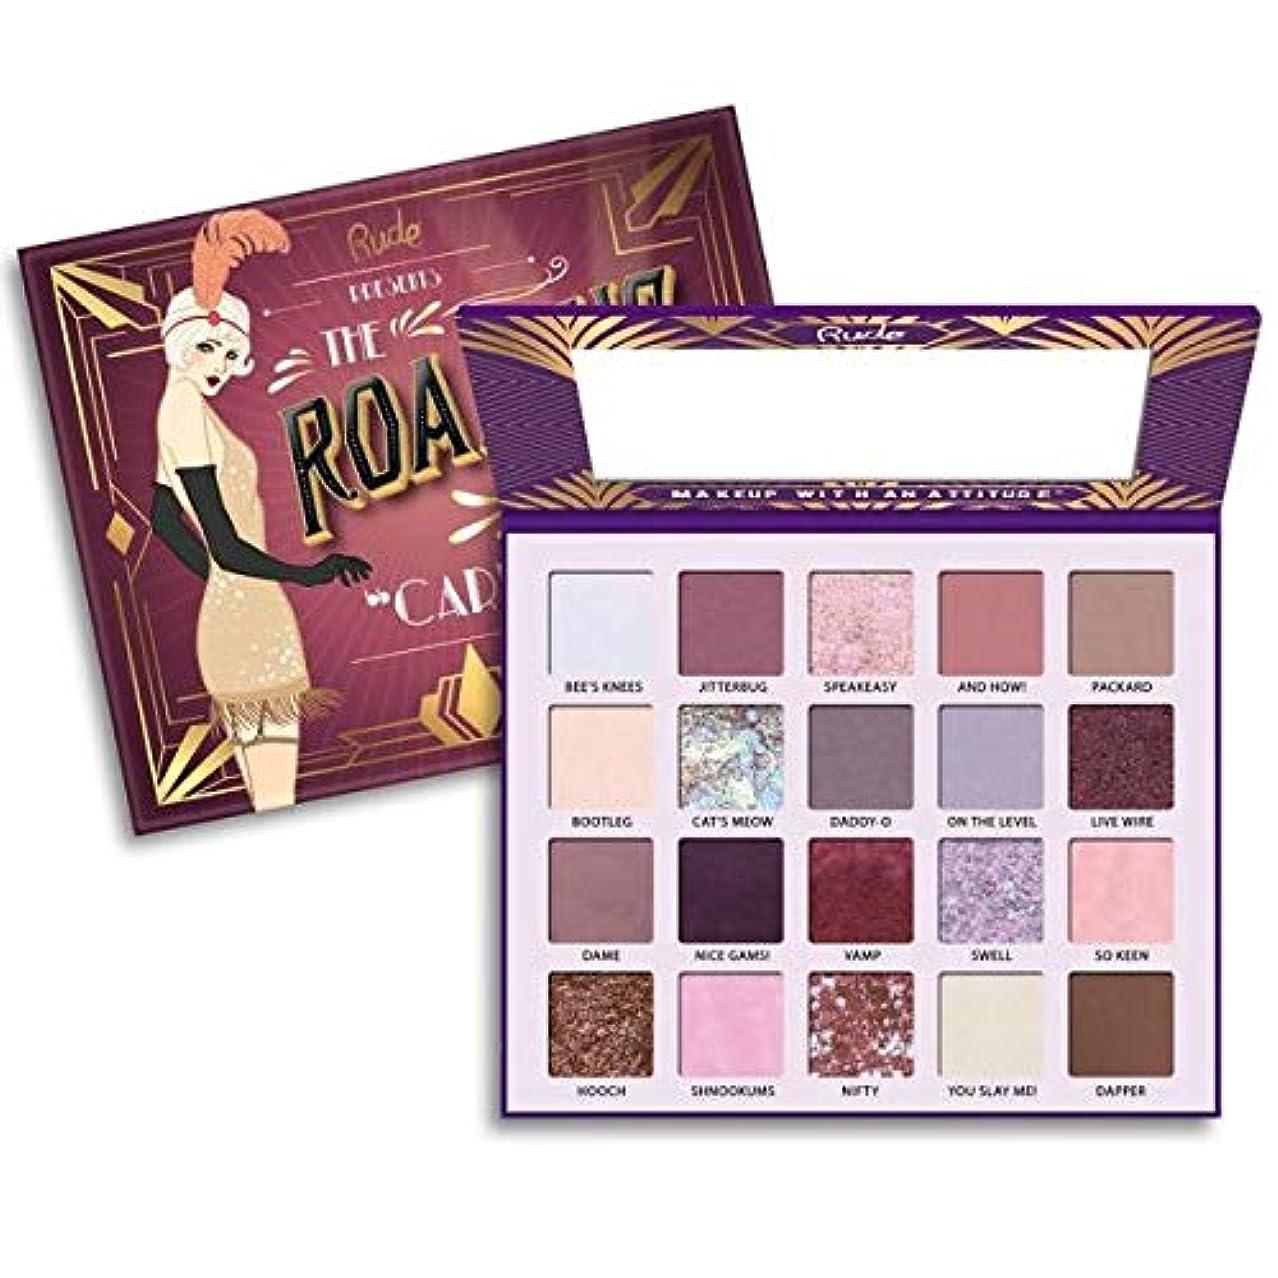 (3 Pack) RUDE The Roaring 20's Eyeshadow Palette - Carefree (並行輸入品)